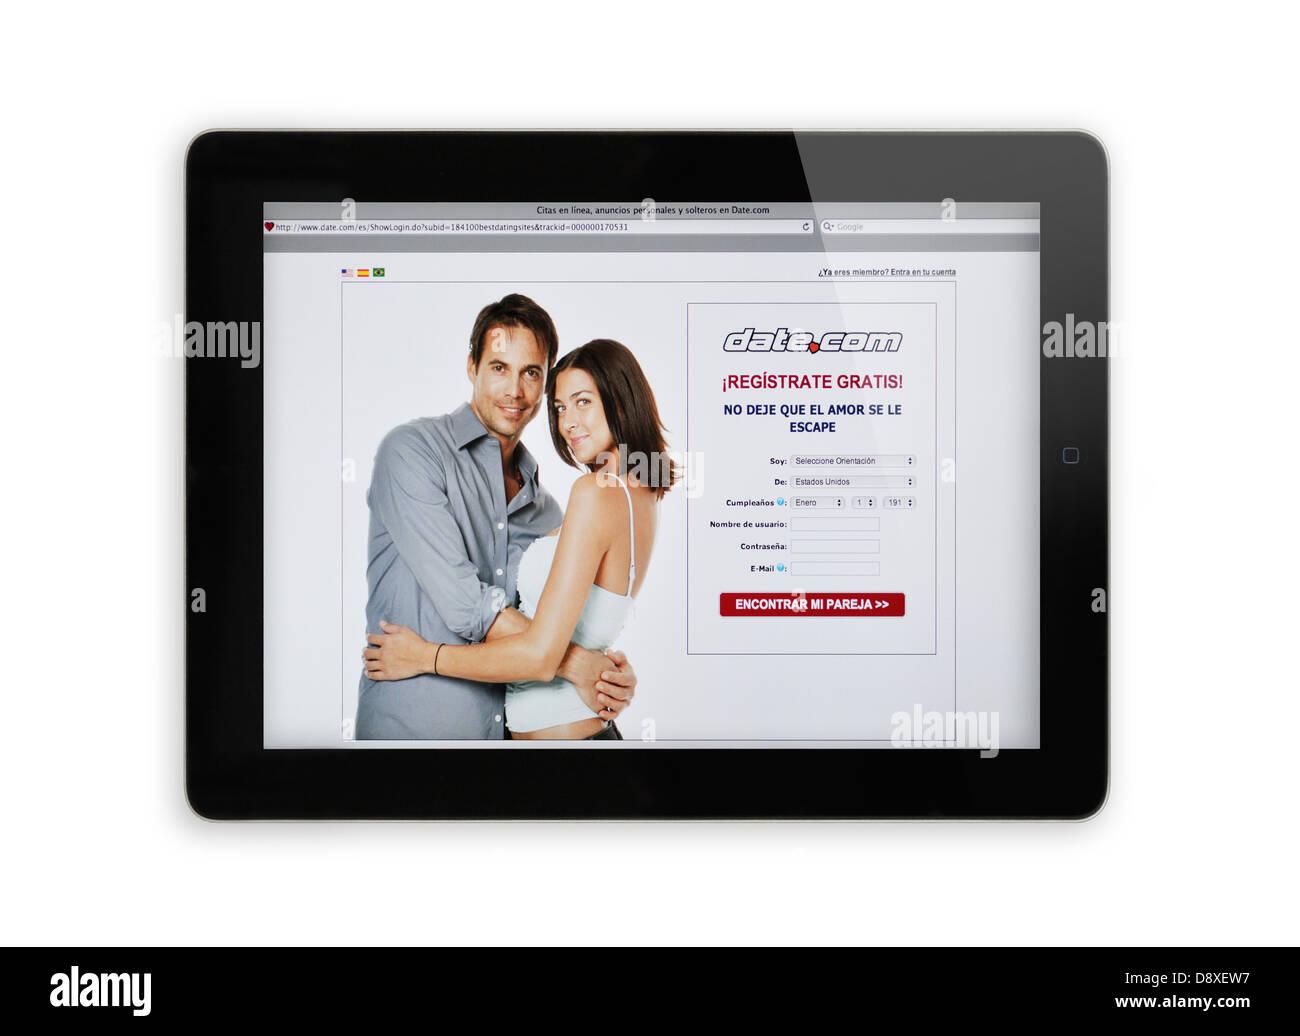 Chatta och dejta online i Deje | Trffa kvinnor och - Badoo